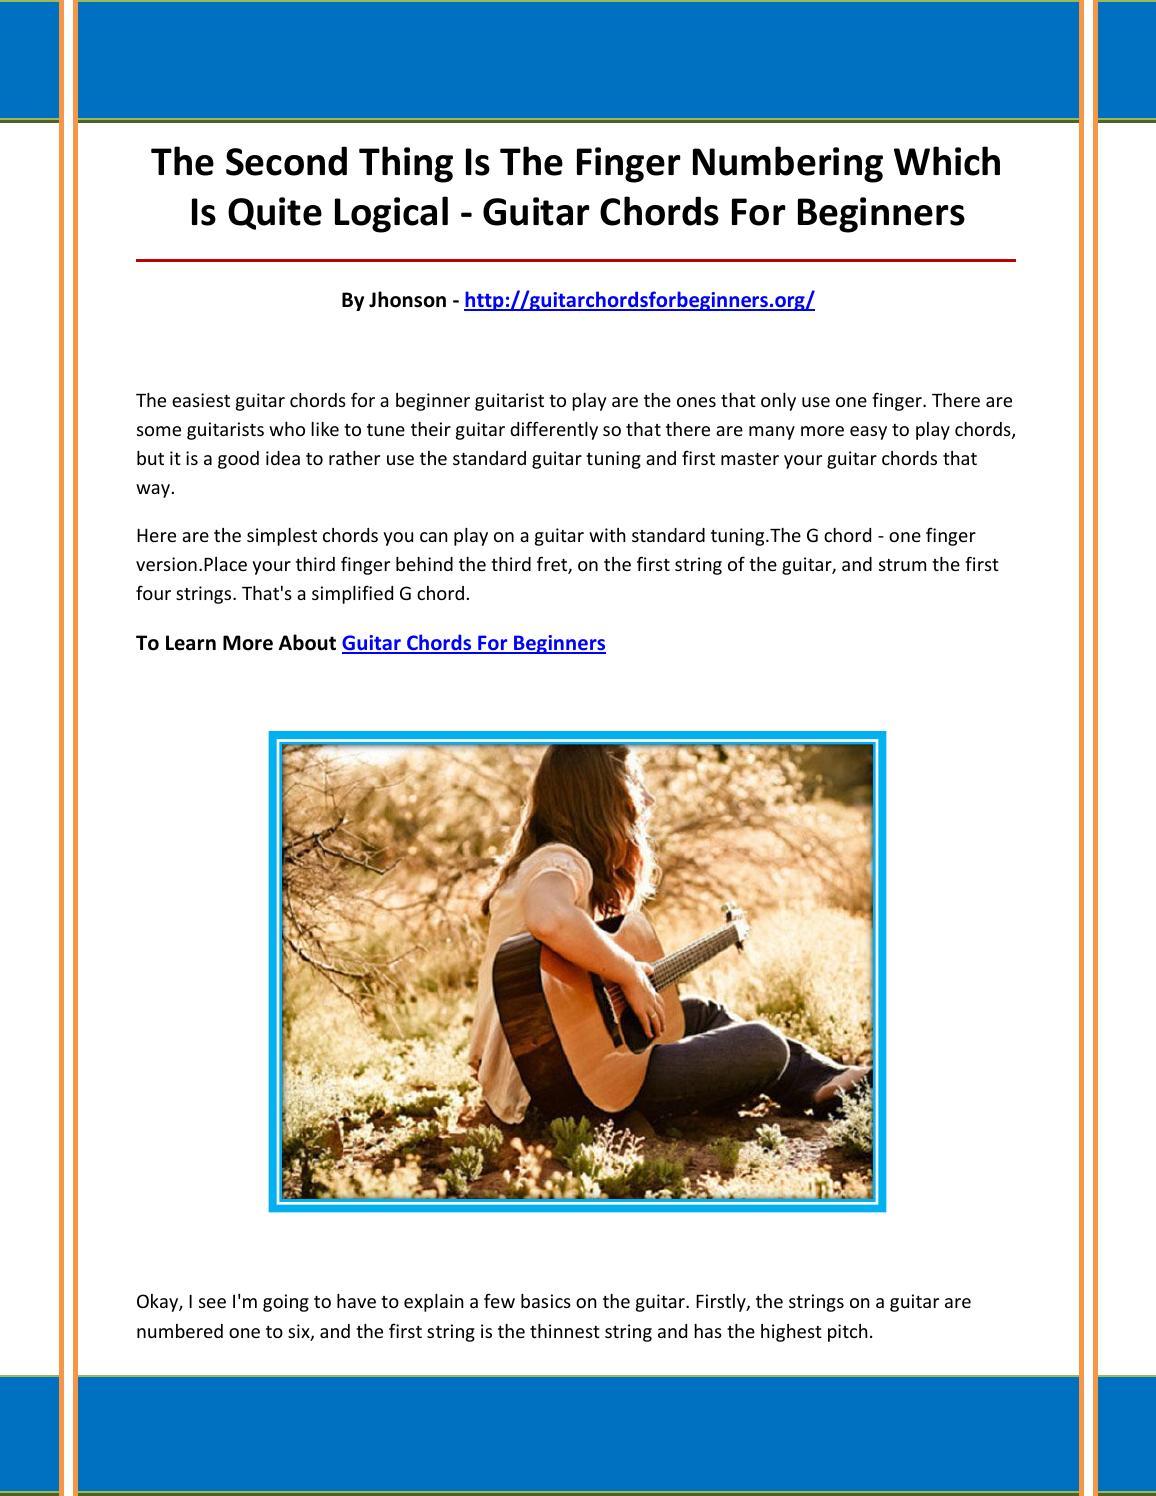 Guitar Chords For Beginners By Rghjvnbhgbvgfhvfvn Issuu